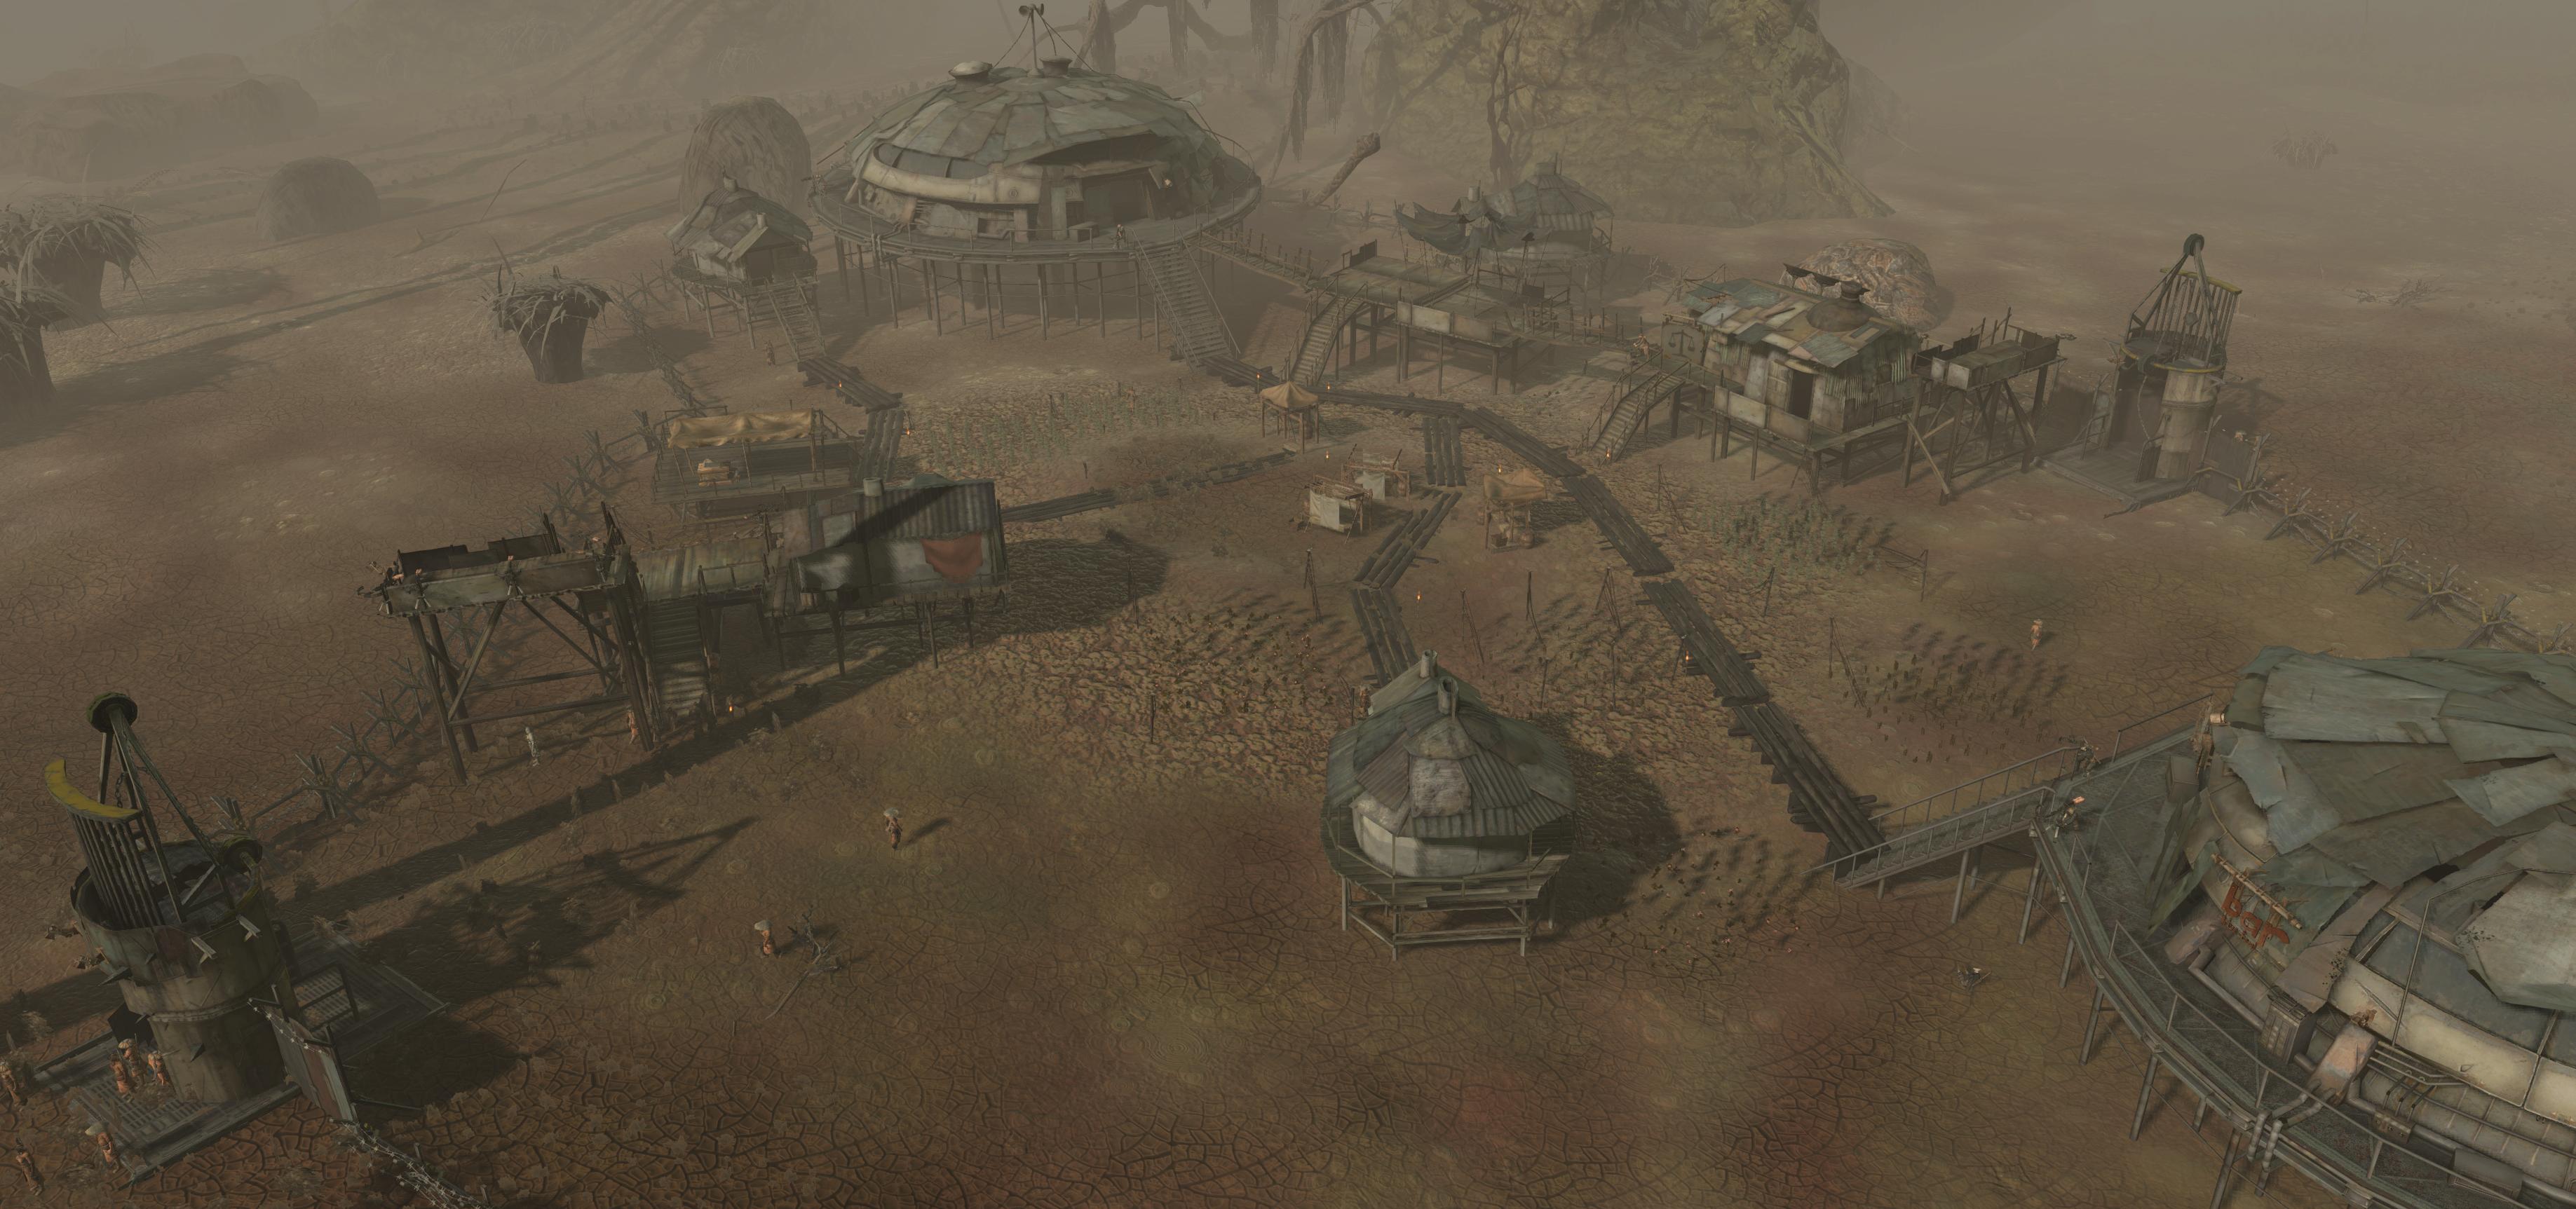 Mud Town